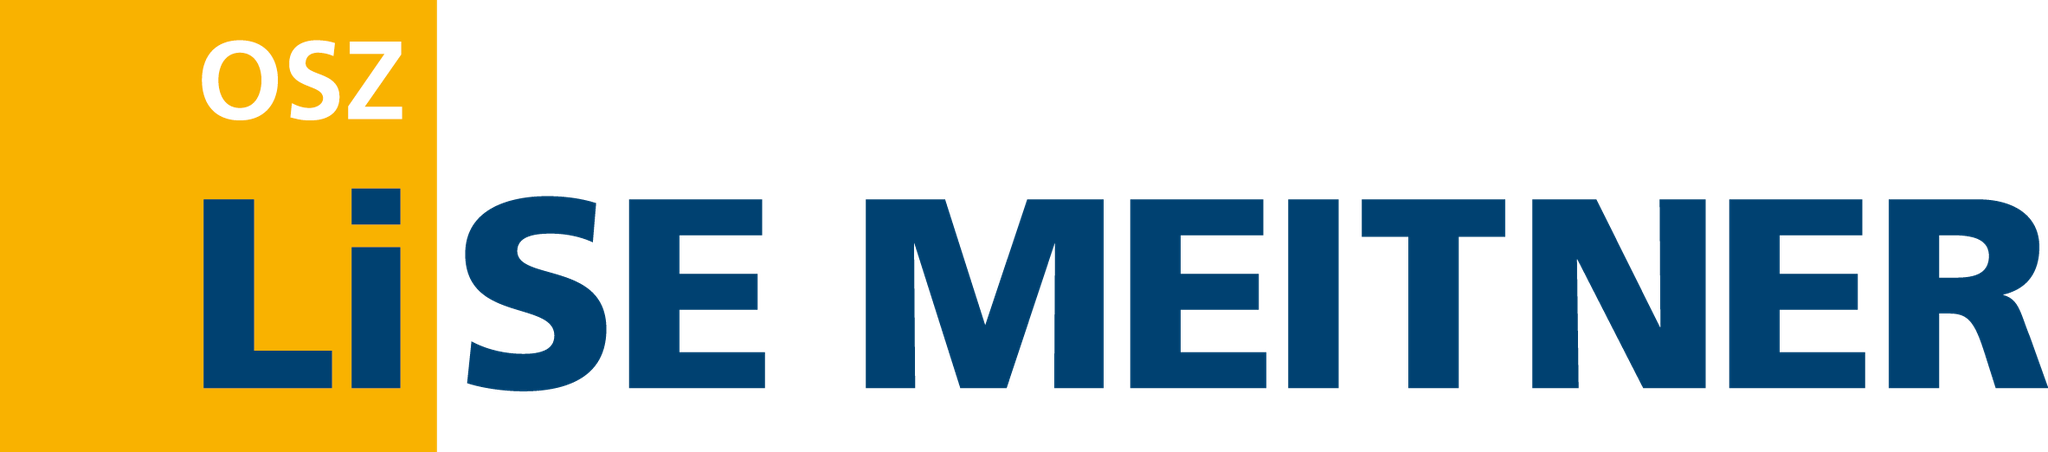 Lise Meitner School of Science